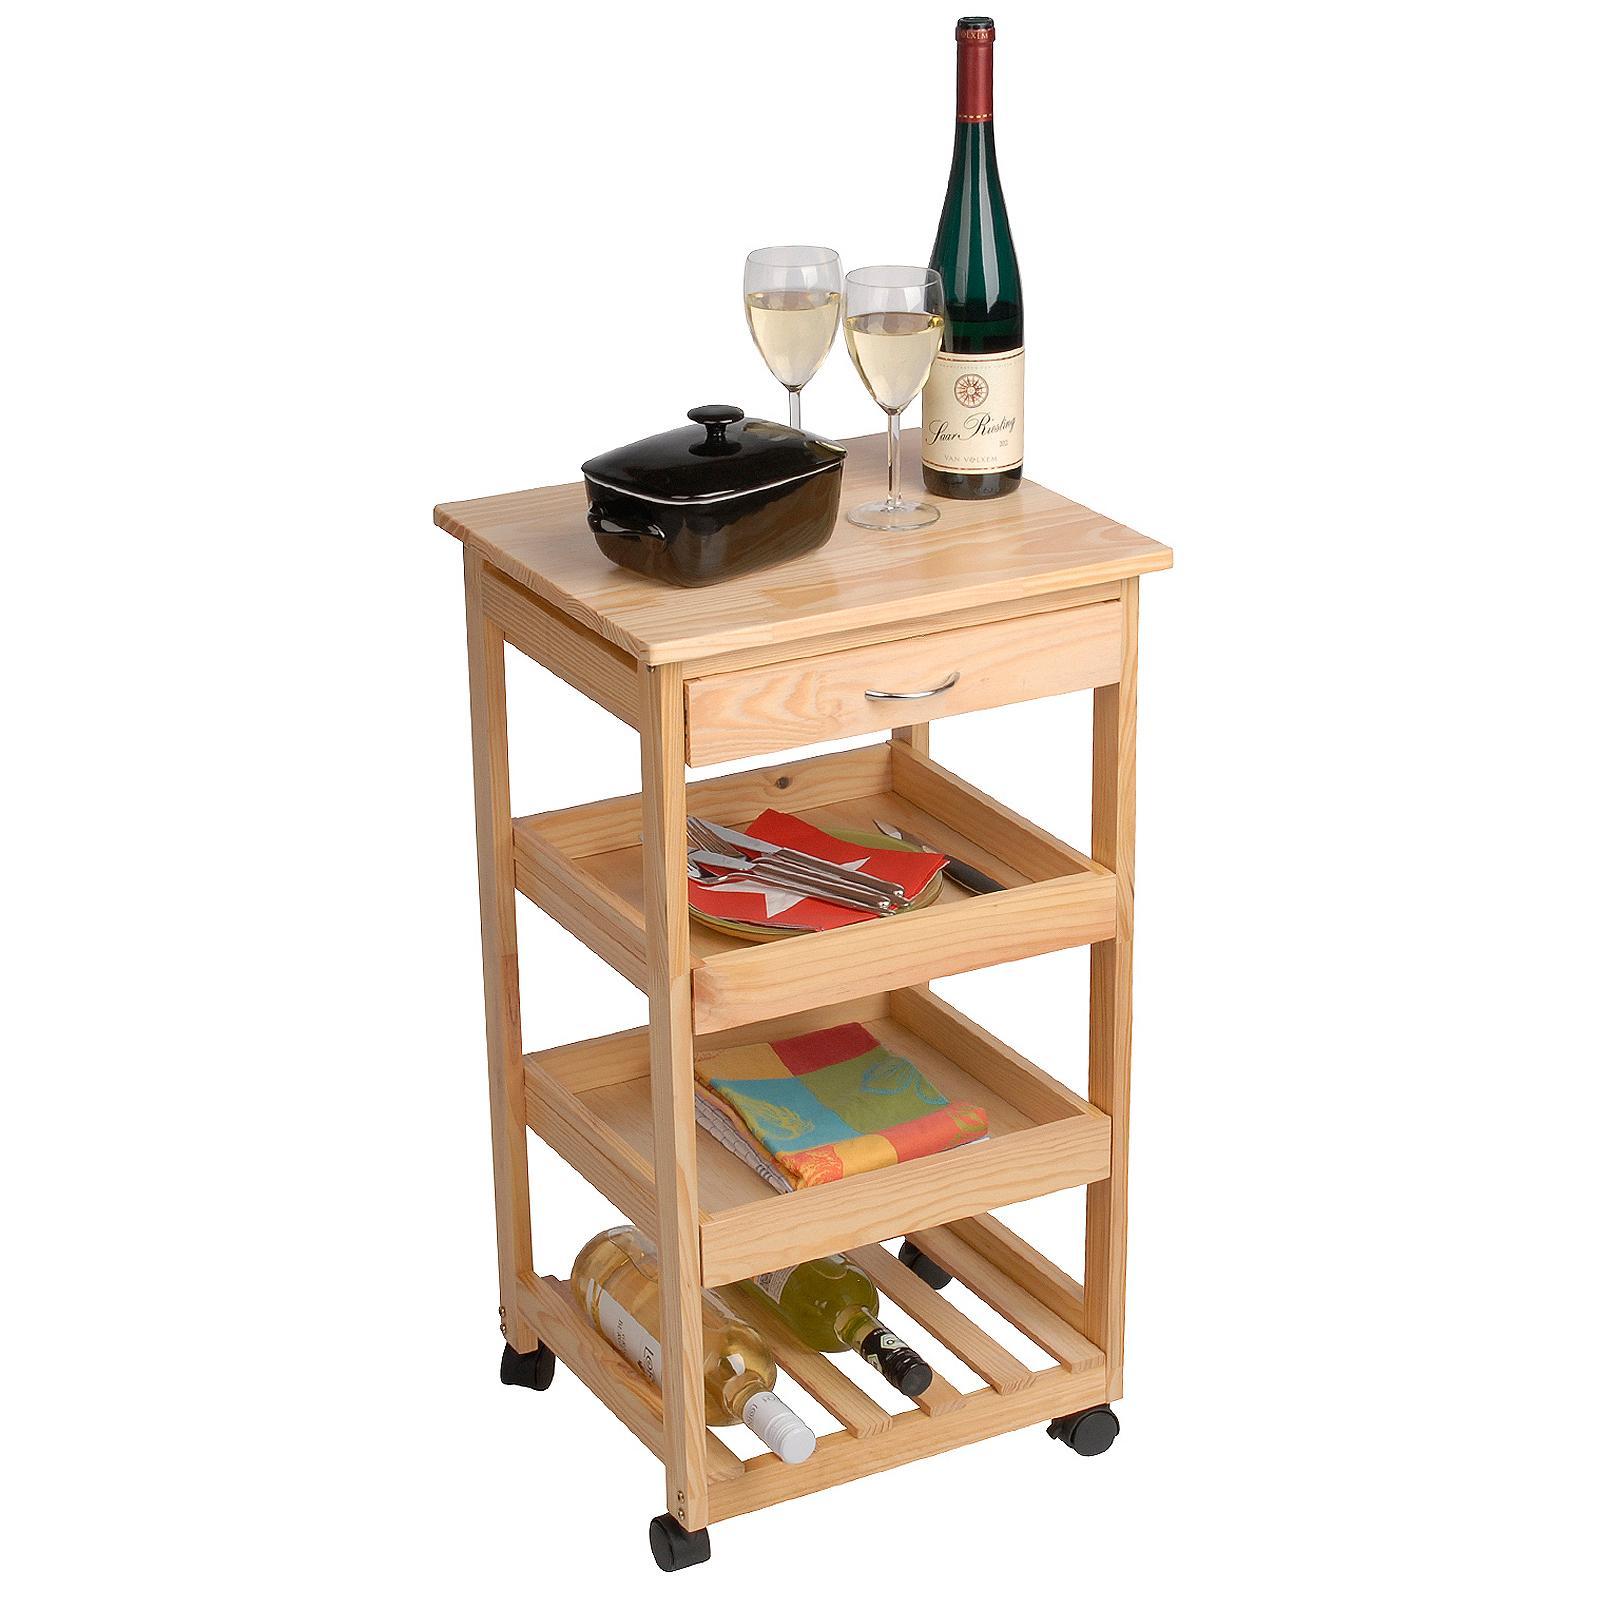 limal k chen trolley david holz braun 37 x 42 x 75 cm 1 schublade 1 weinablage 2. Black Bedroom Furniture Sets. Home Design Ideas